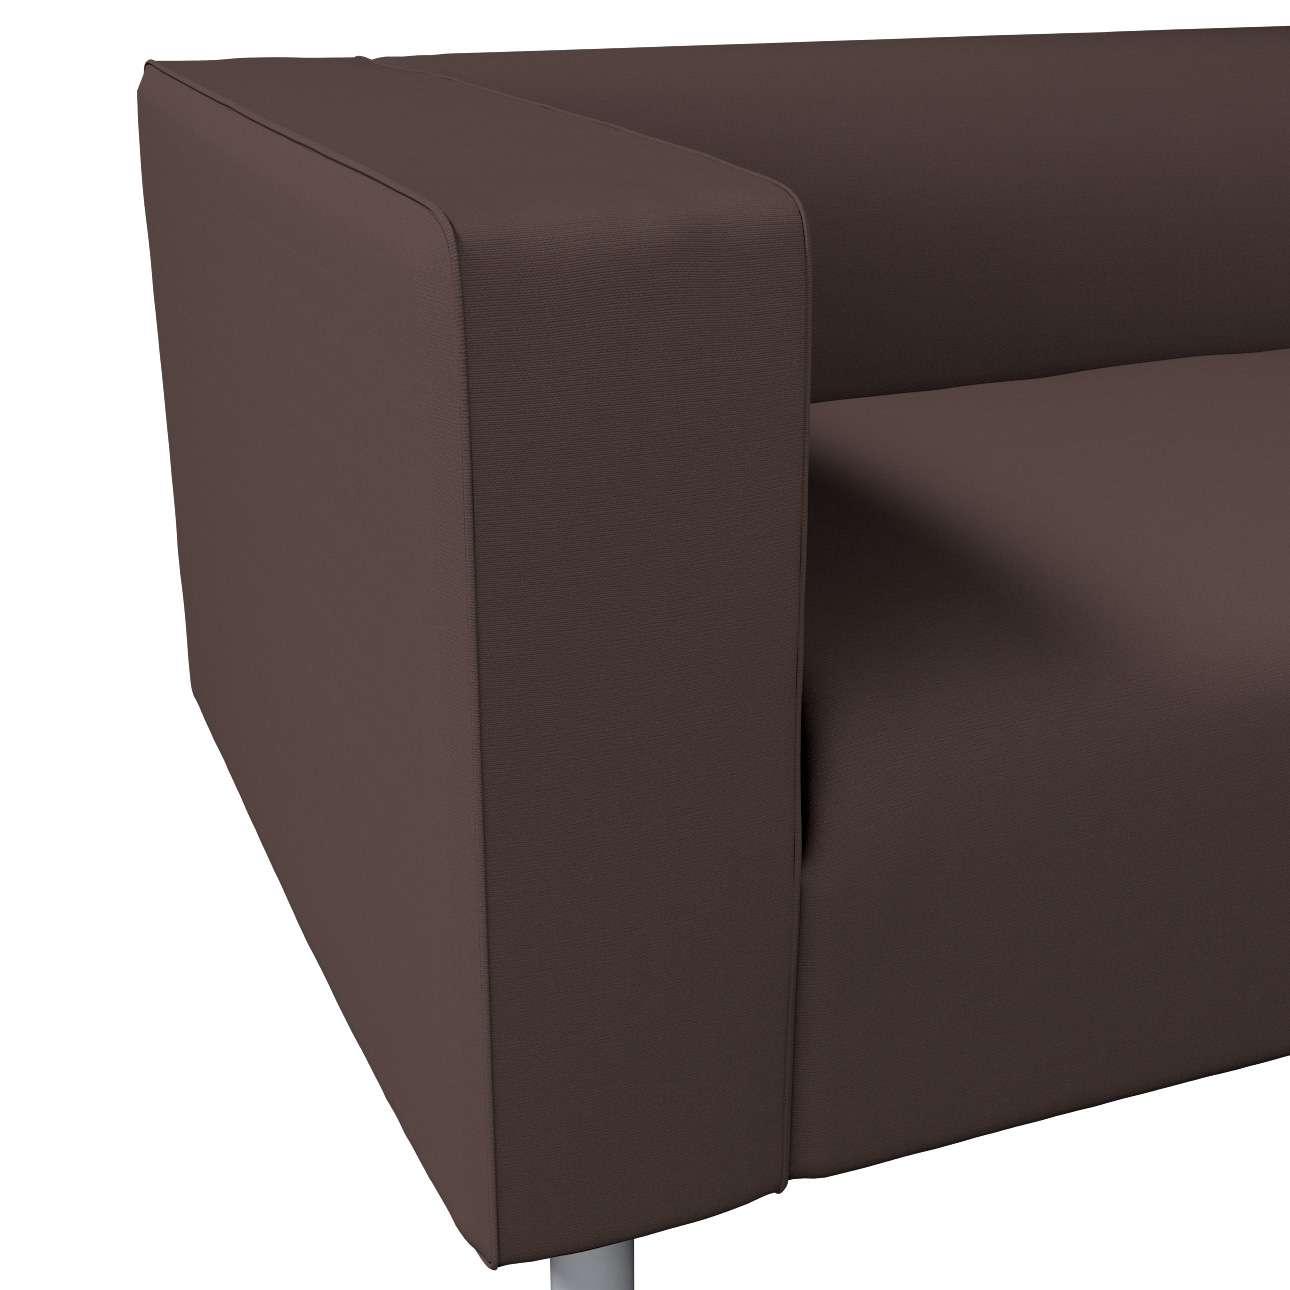 KLIPPAN dvivietės sofos užvalkalas kolekcijoje Cotton Panama, audinys: 702-03